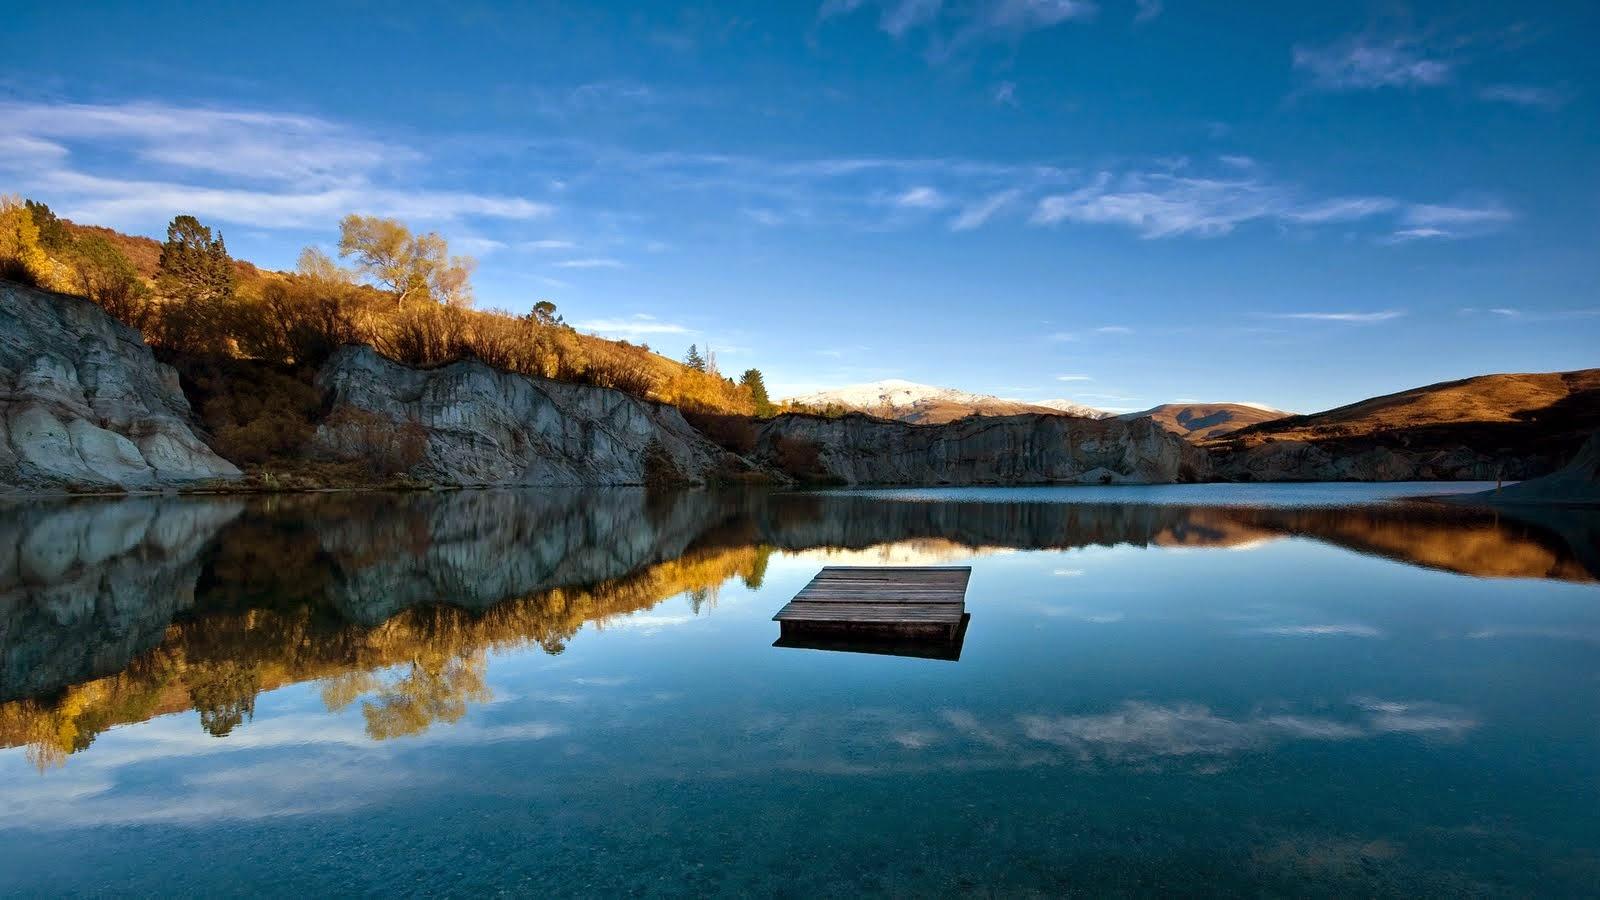 Wallpaper kualitas HD terbaik pemandangan alam  Mikomorganisa